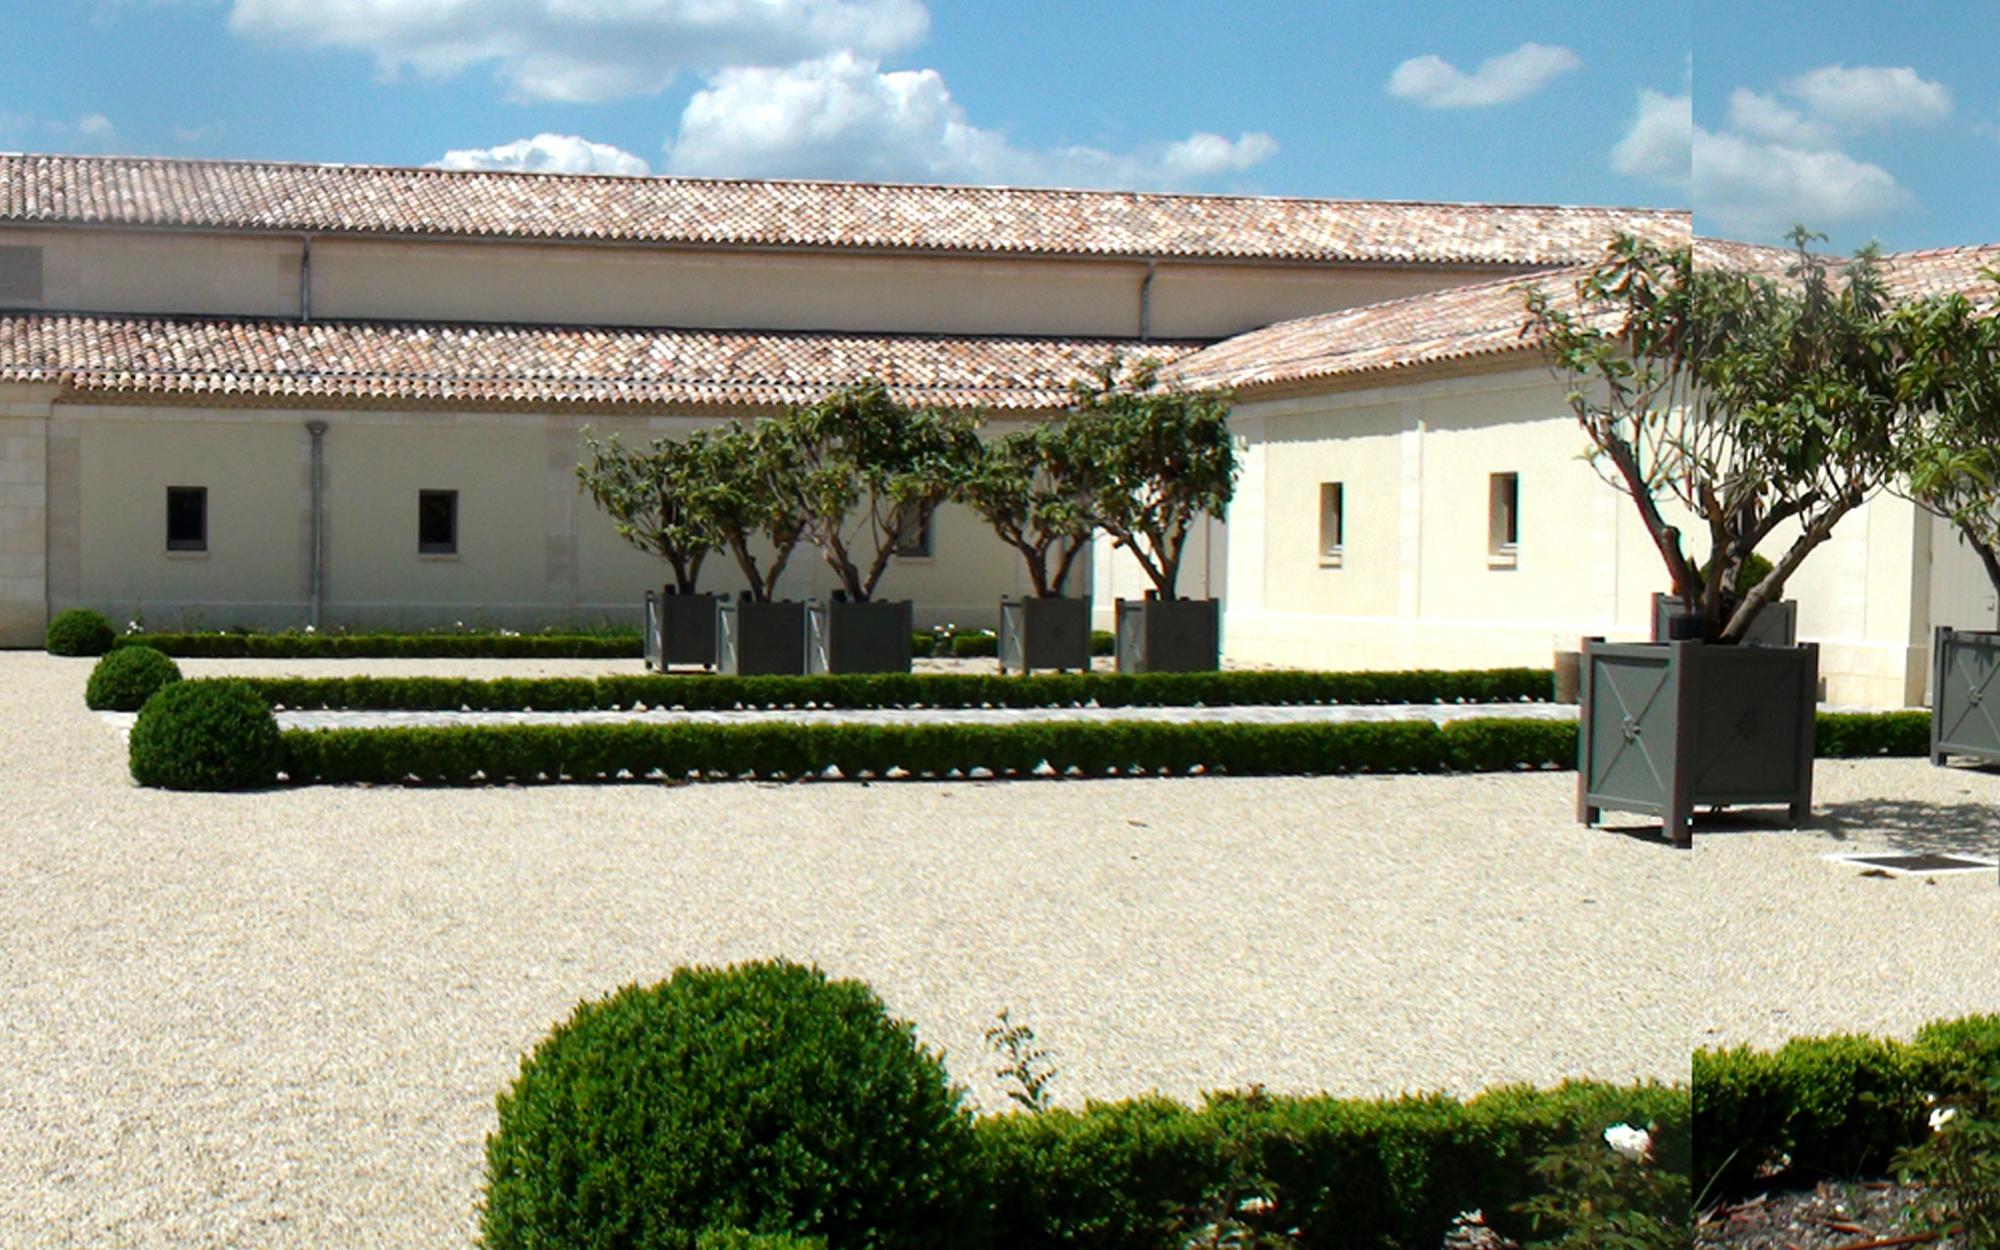 Hélène Soulier paysagiste Bordeaux, enseignante Ecole Nationale Supérieure d'Architecture et du Paysage de Bordeaux, ensapBx, jardins, châteaux, installations, workshops, château Fieuzal